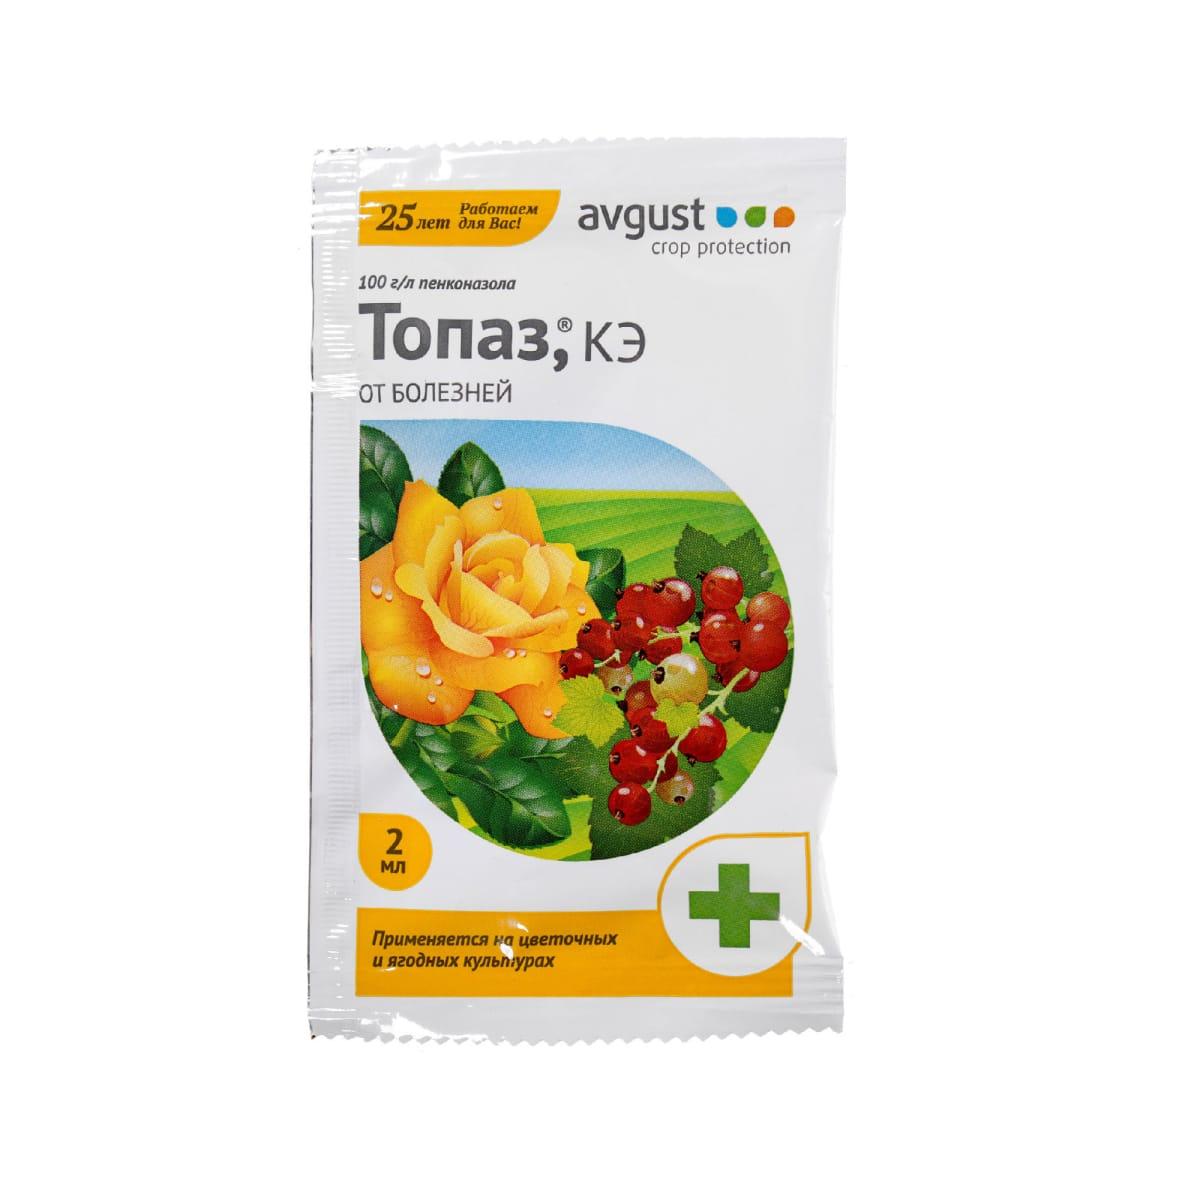 Фунгицид топаз: описание действия препарата и применение для растений